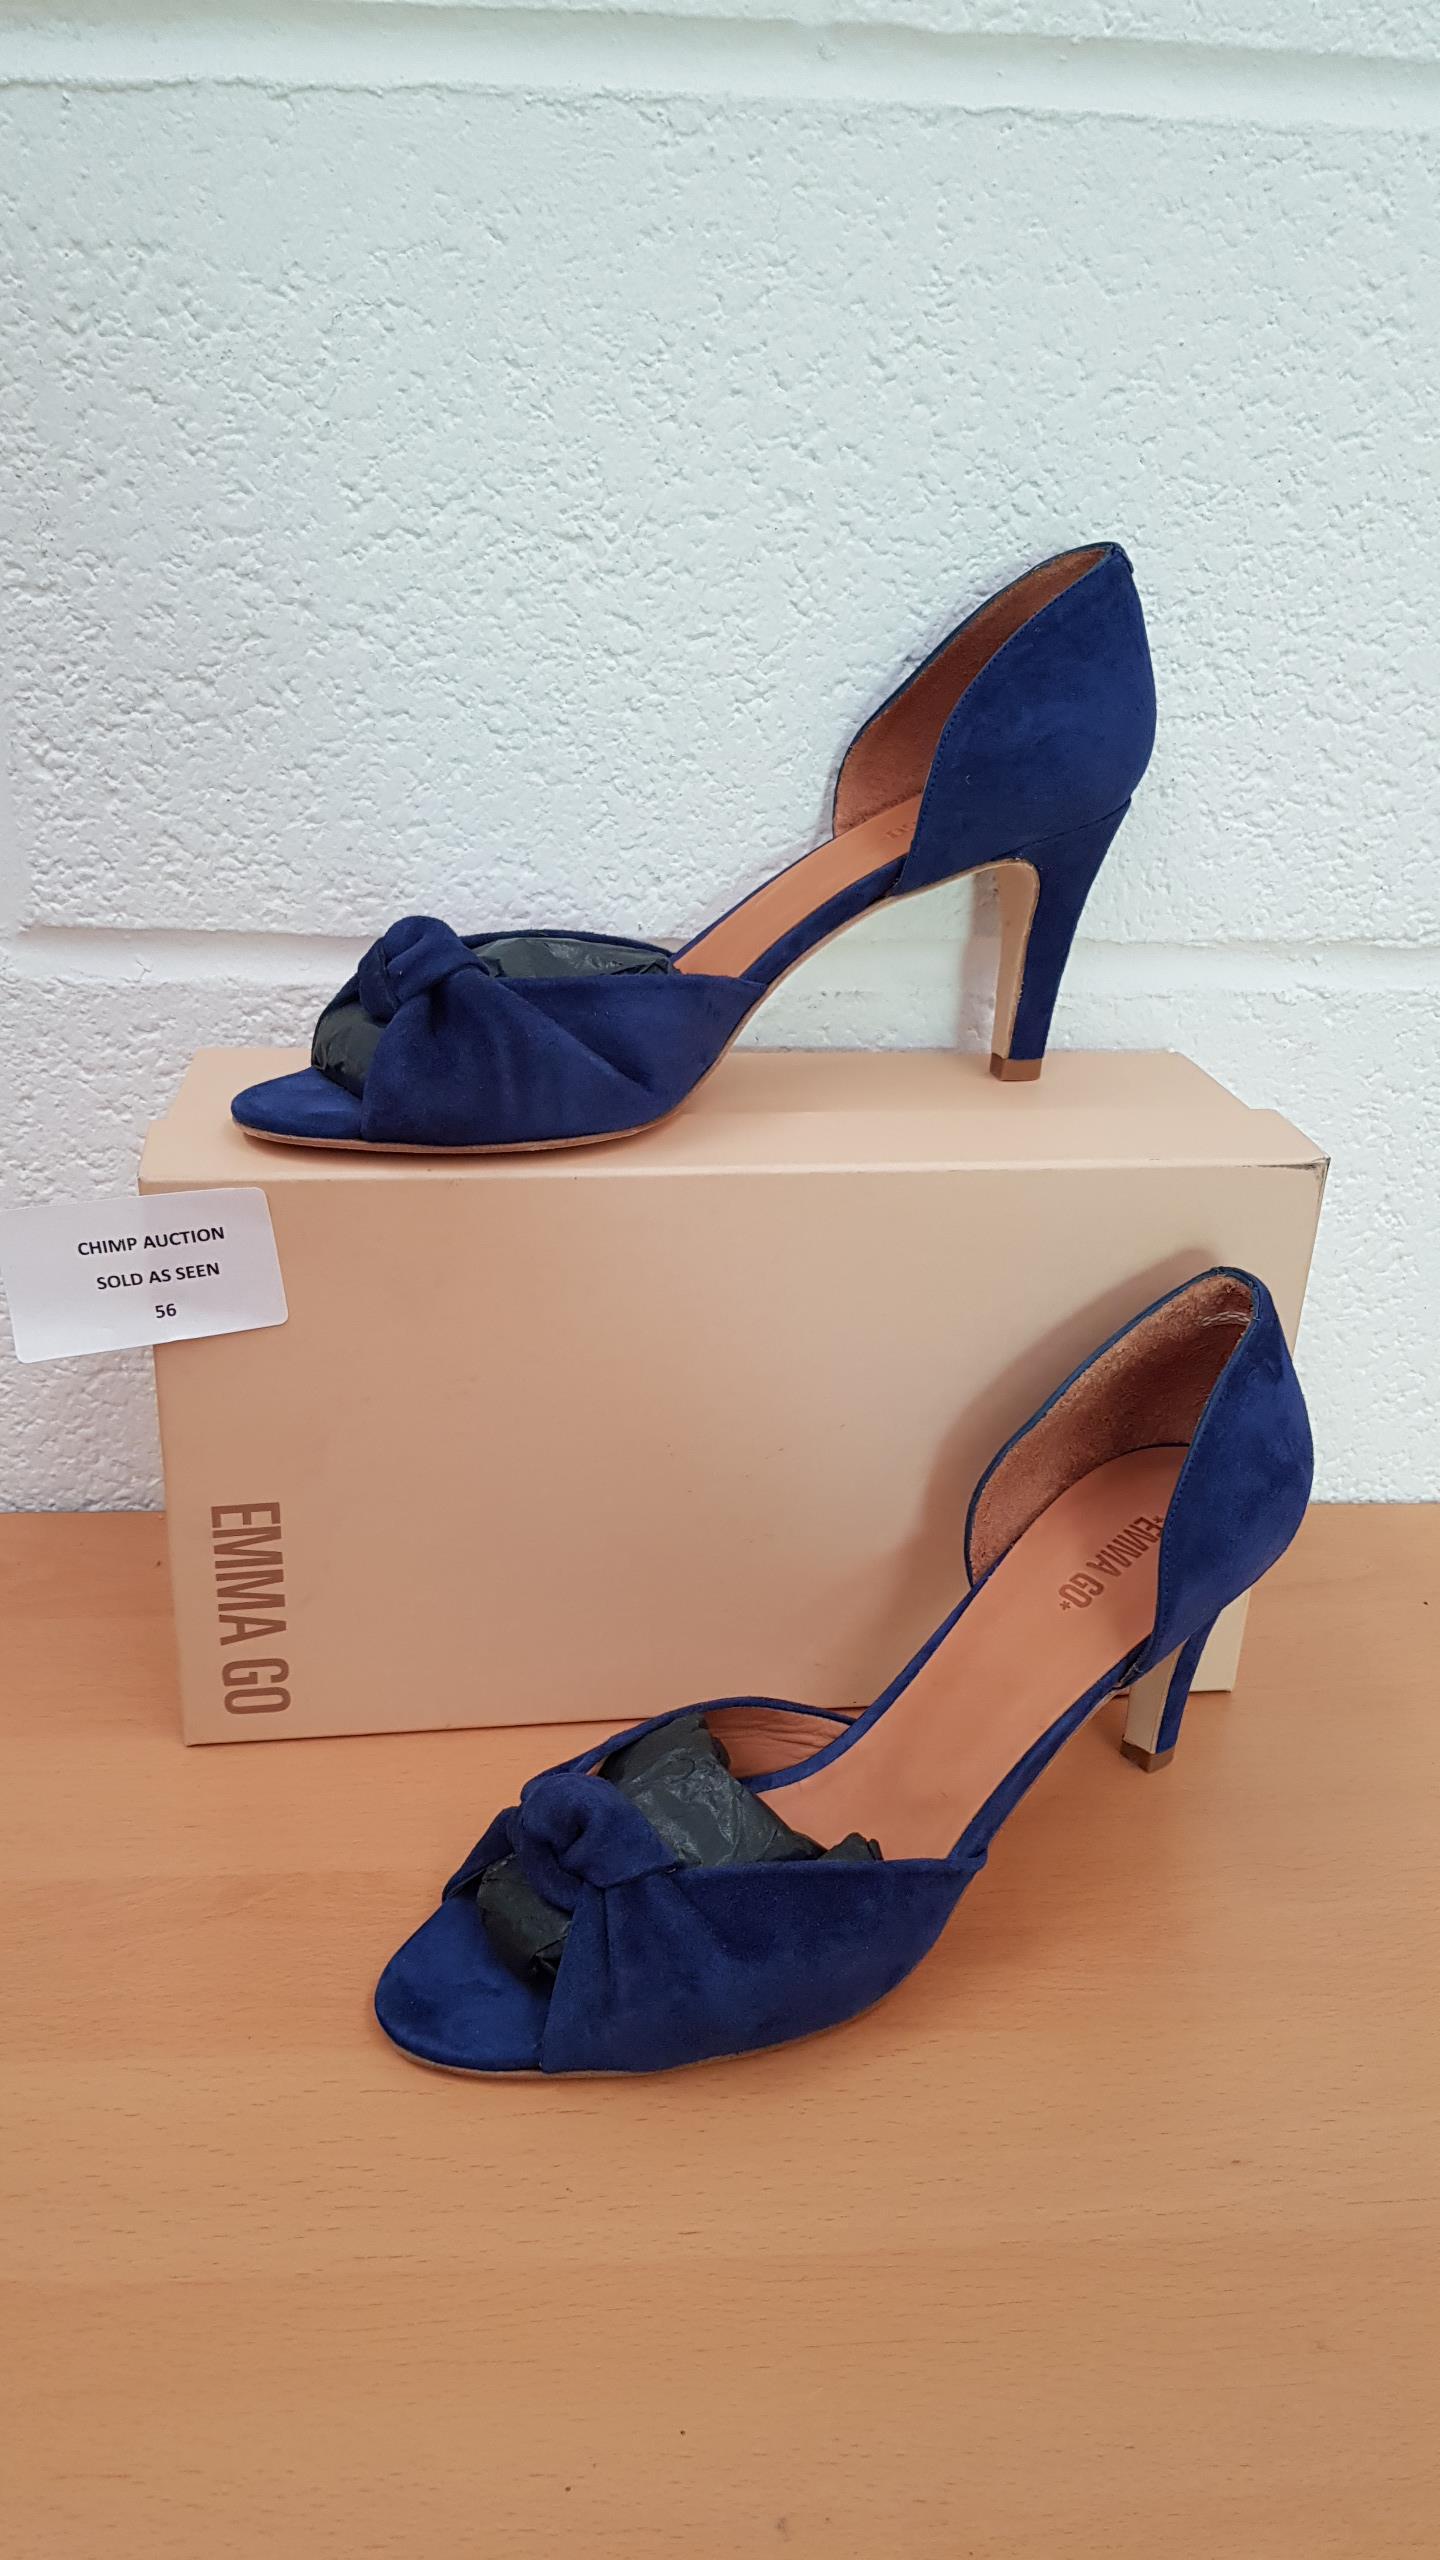 Lot 56 - Emma Go Camille ladies shoes EU SIZE 41